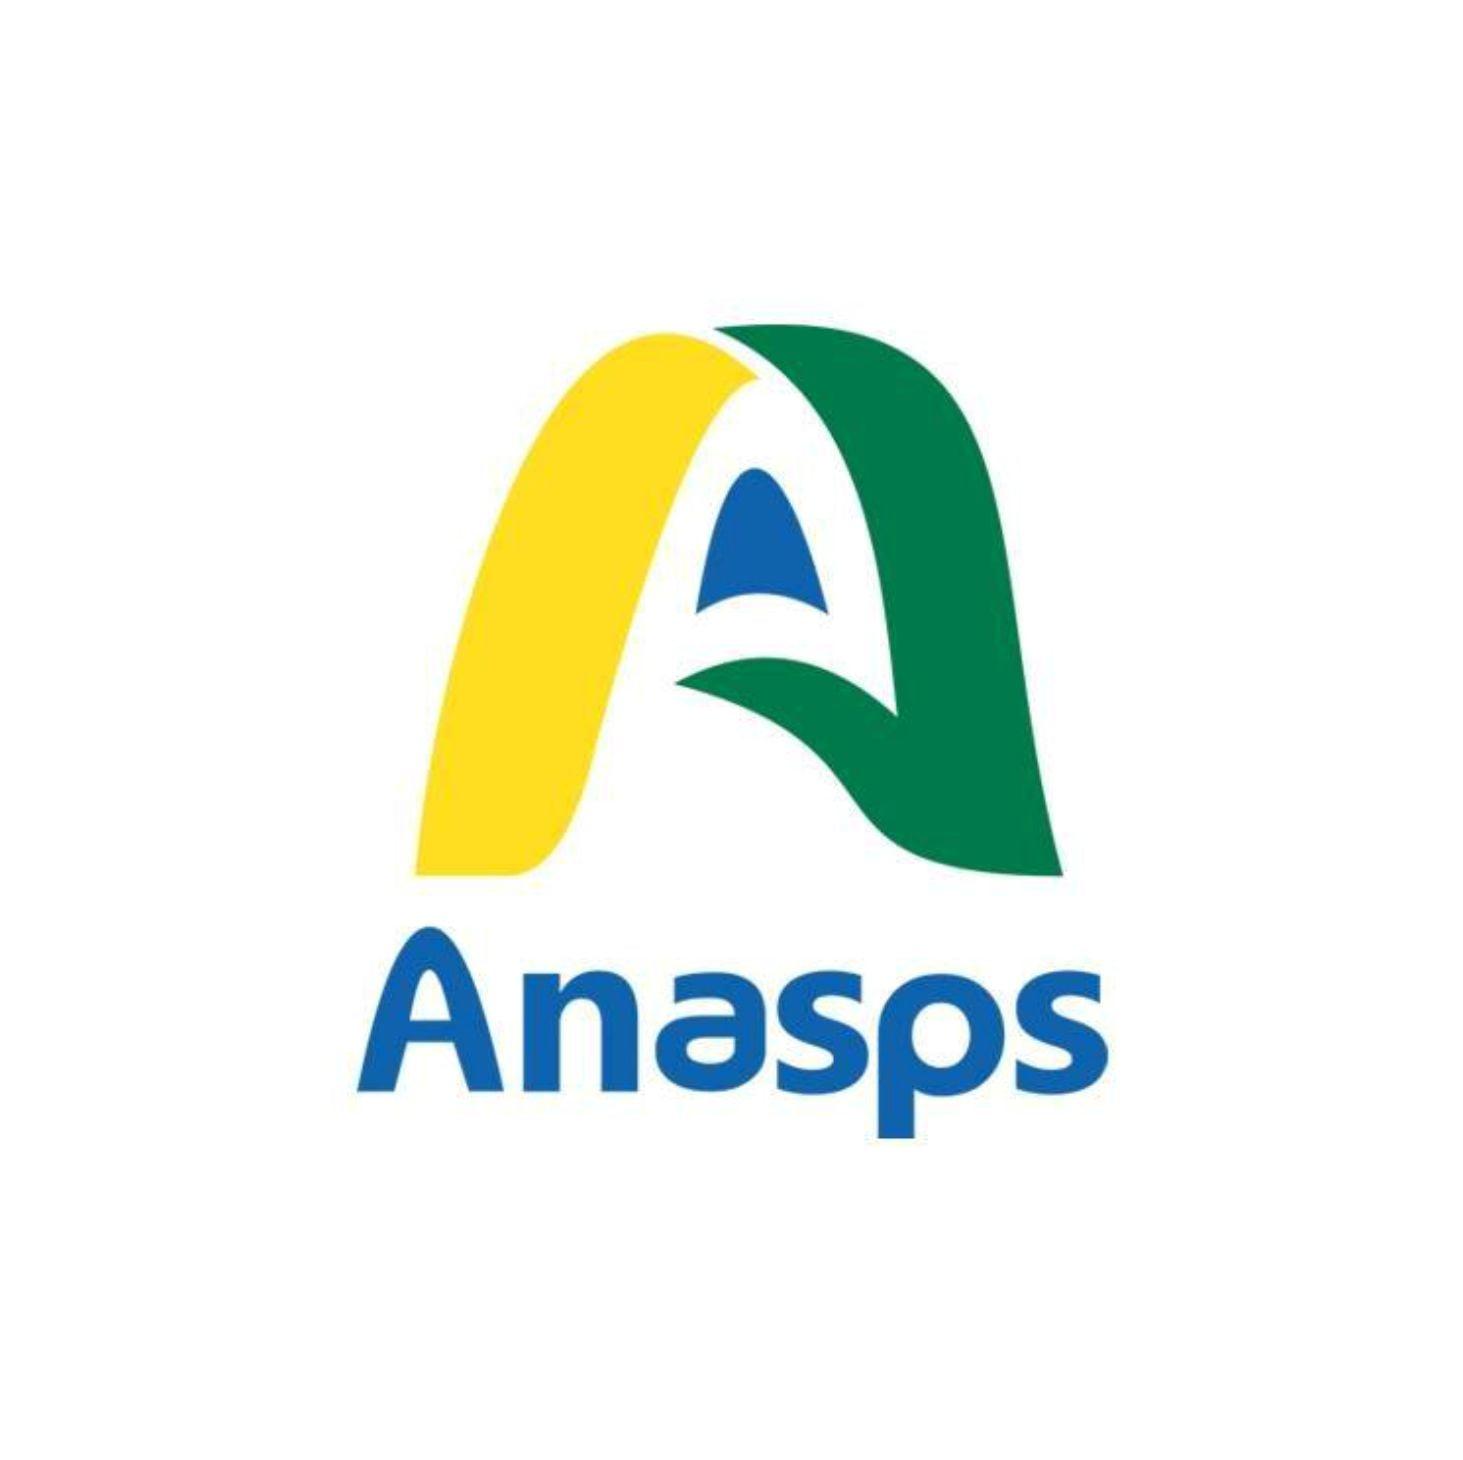 anasps